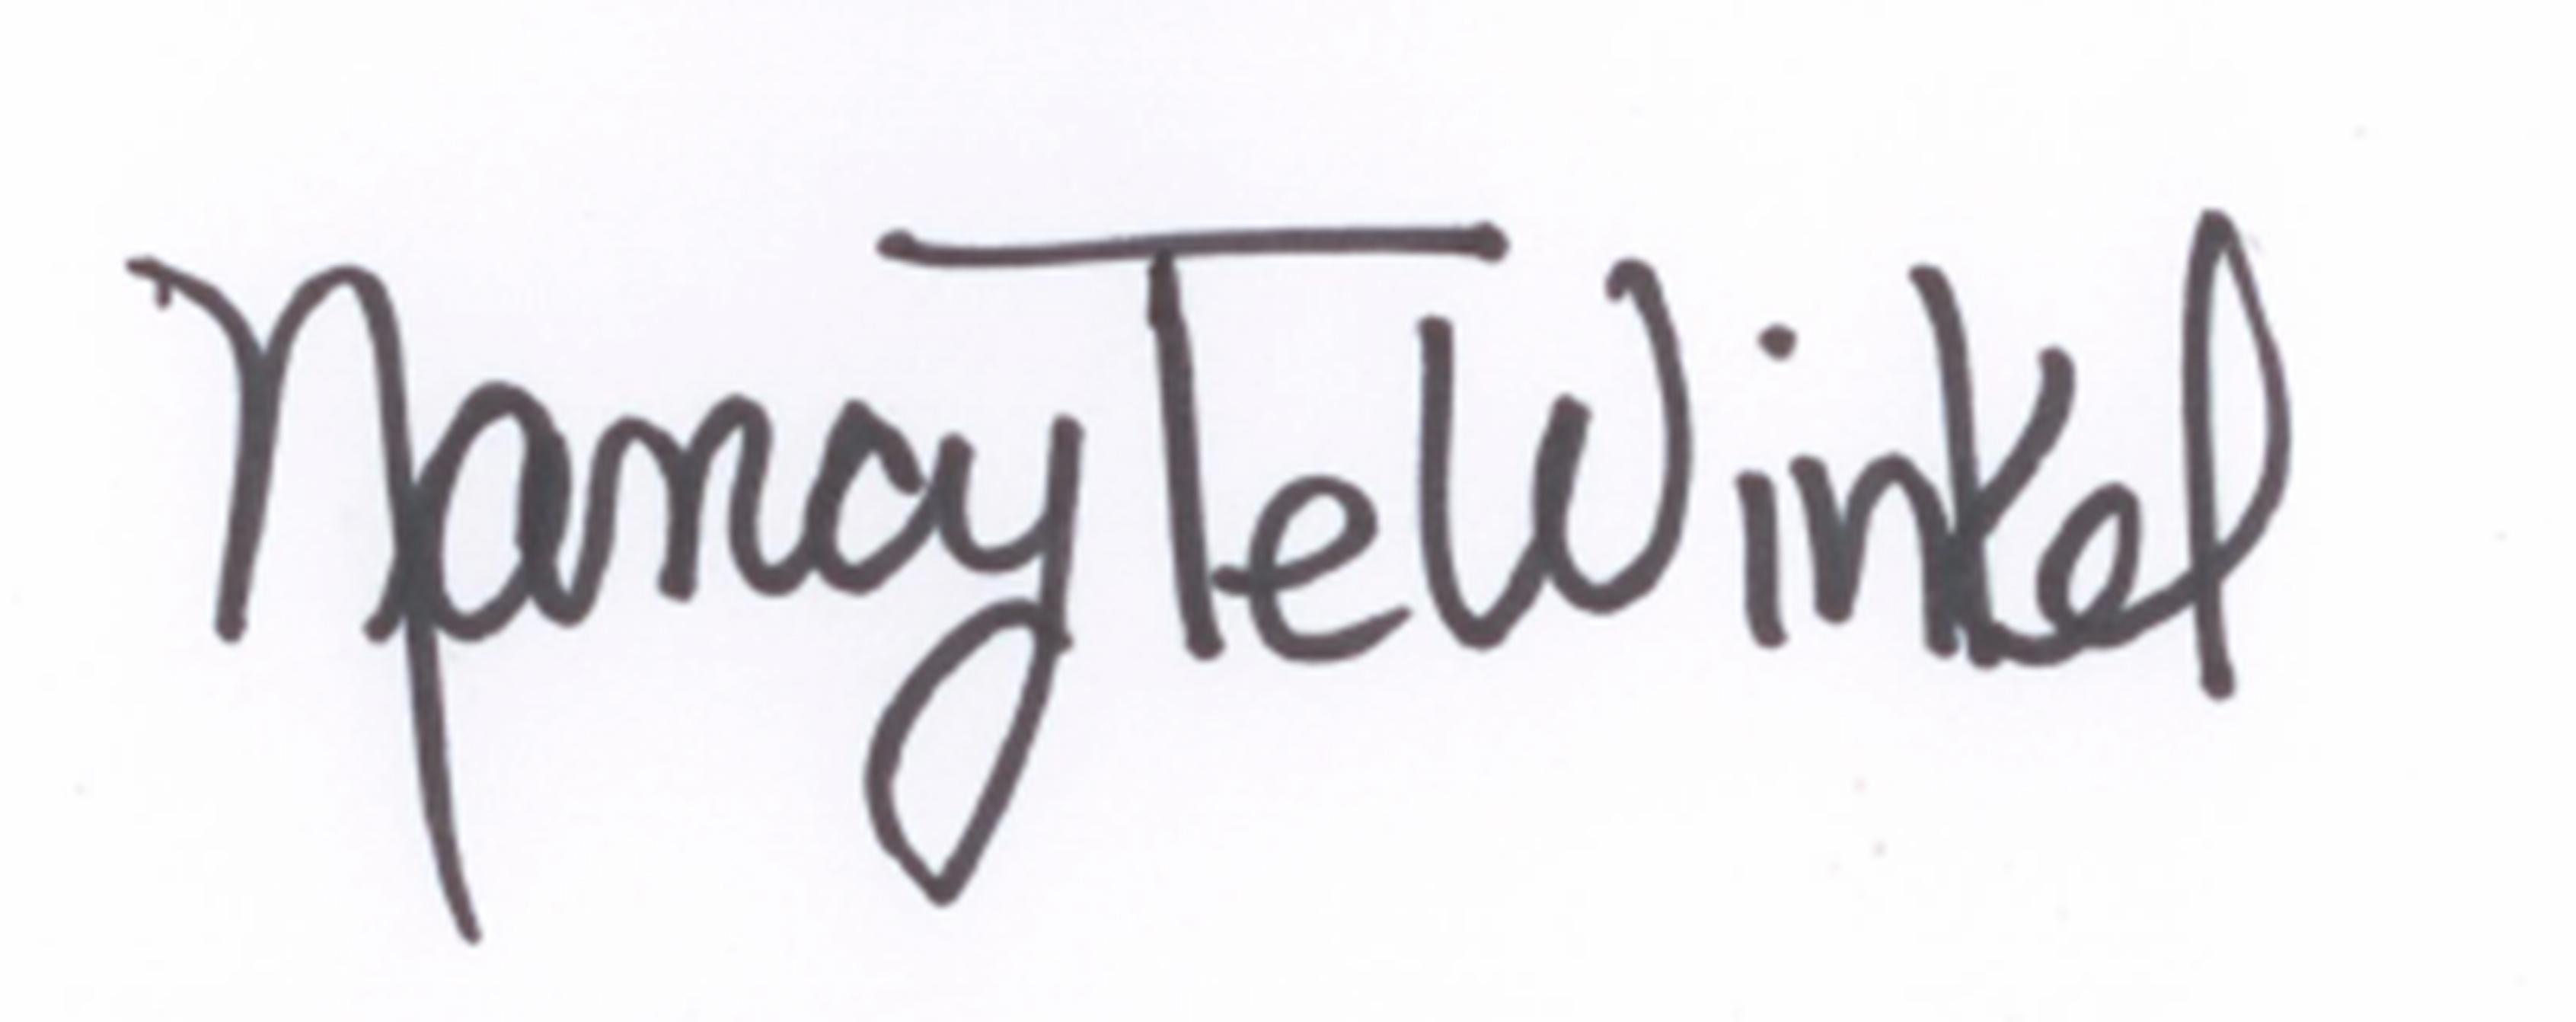 Nancy TeWinkel's Signature